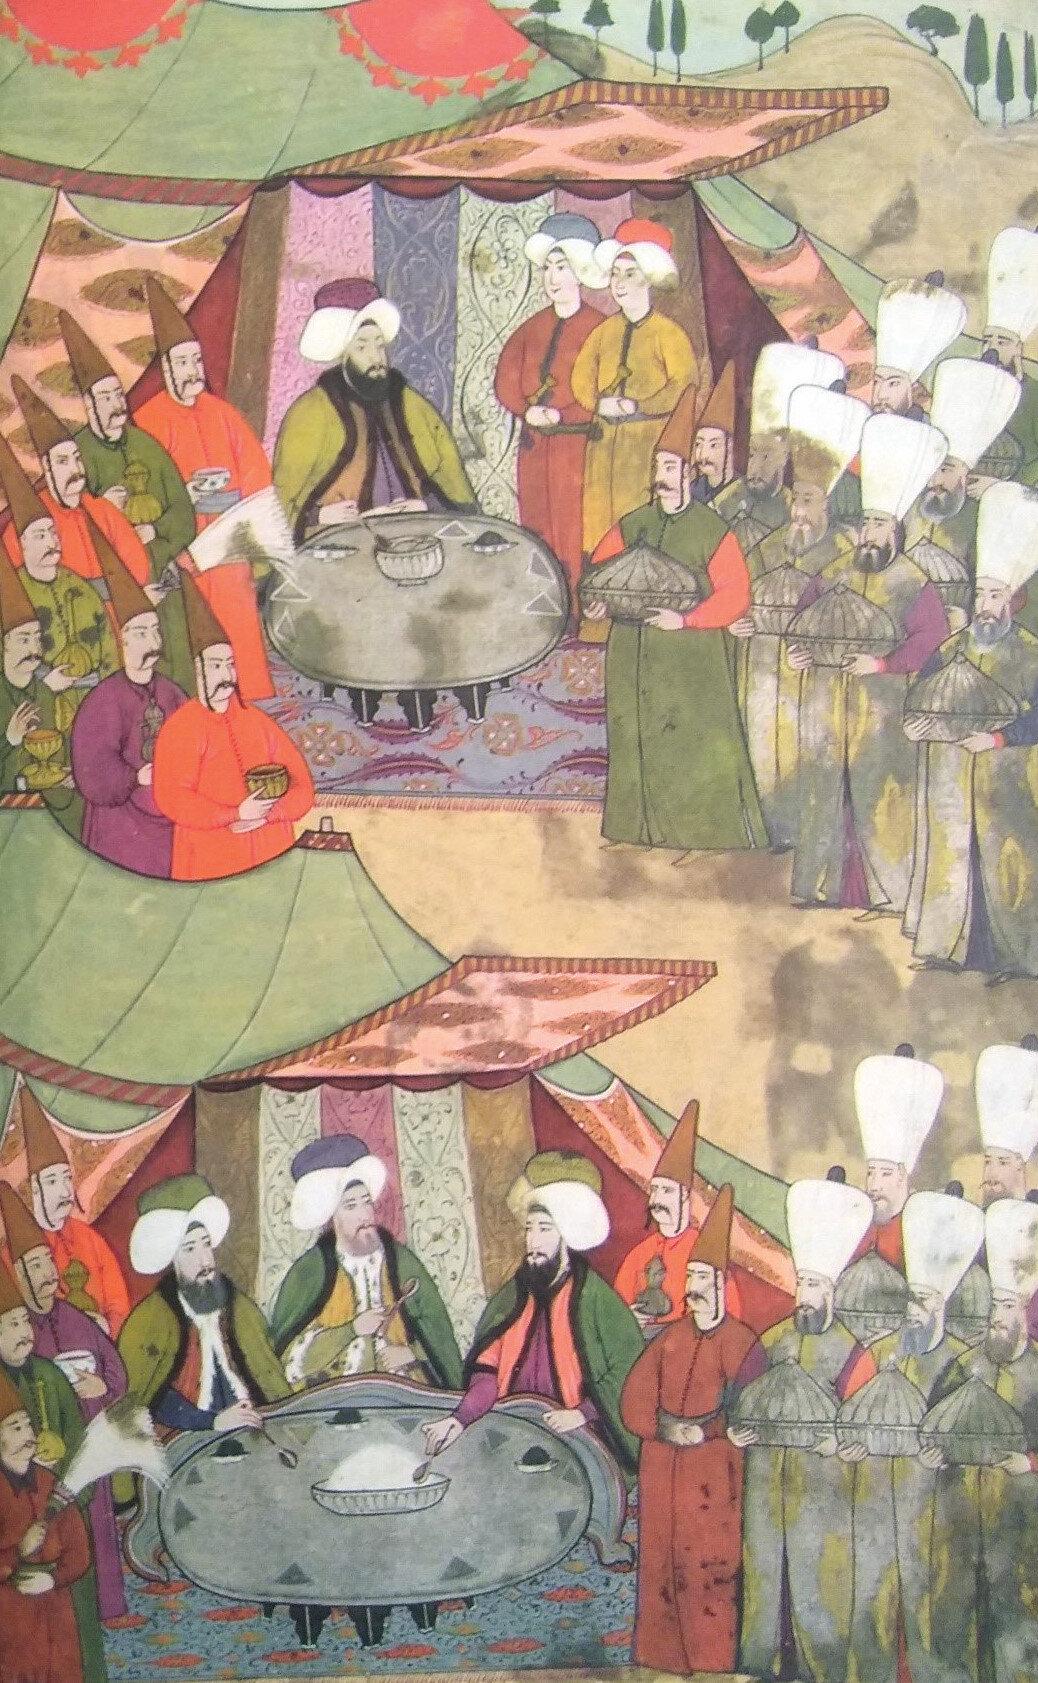 Sadrazam Damat İbrahim Paşa ve diğer üst düzey devlet erkanı kendileri için kurulmuş sofralarda yemek yerken.